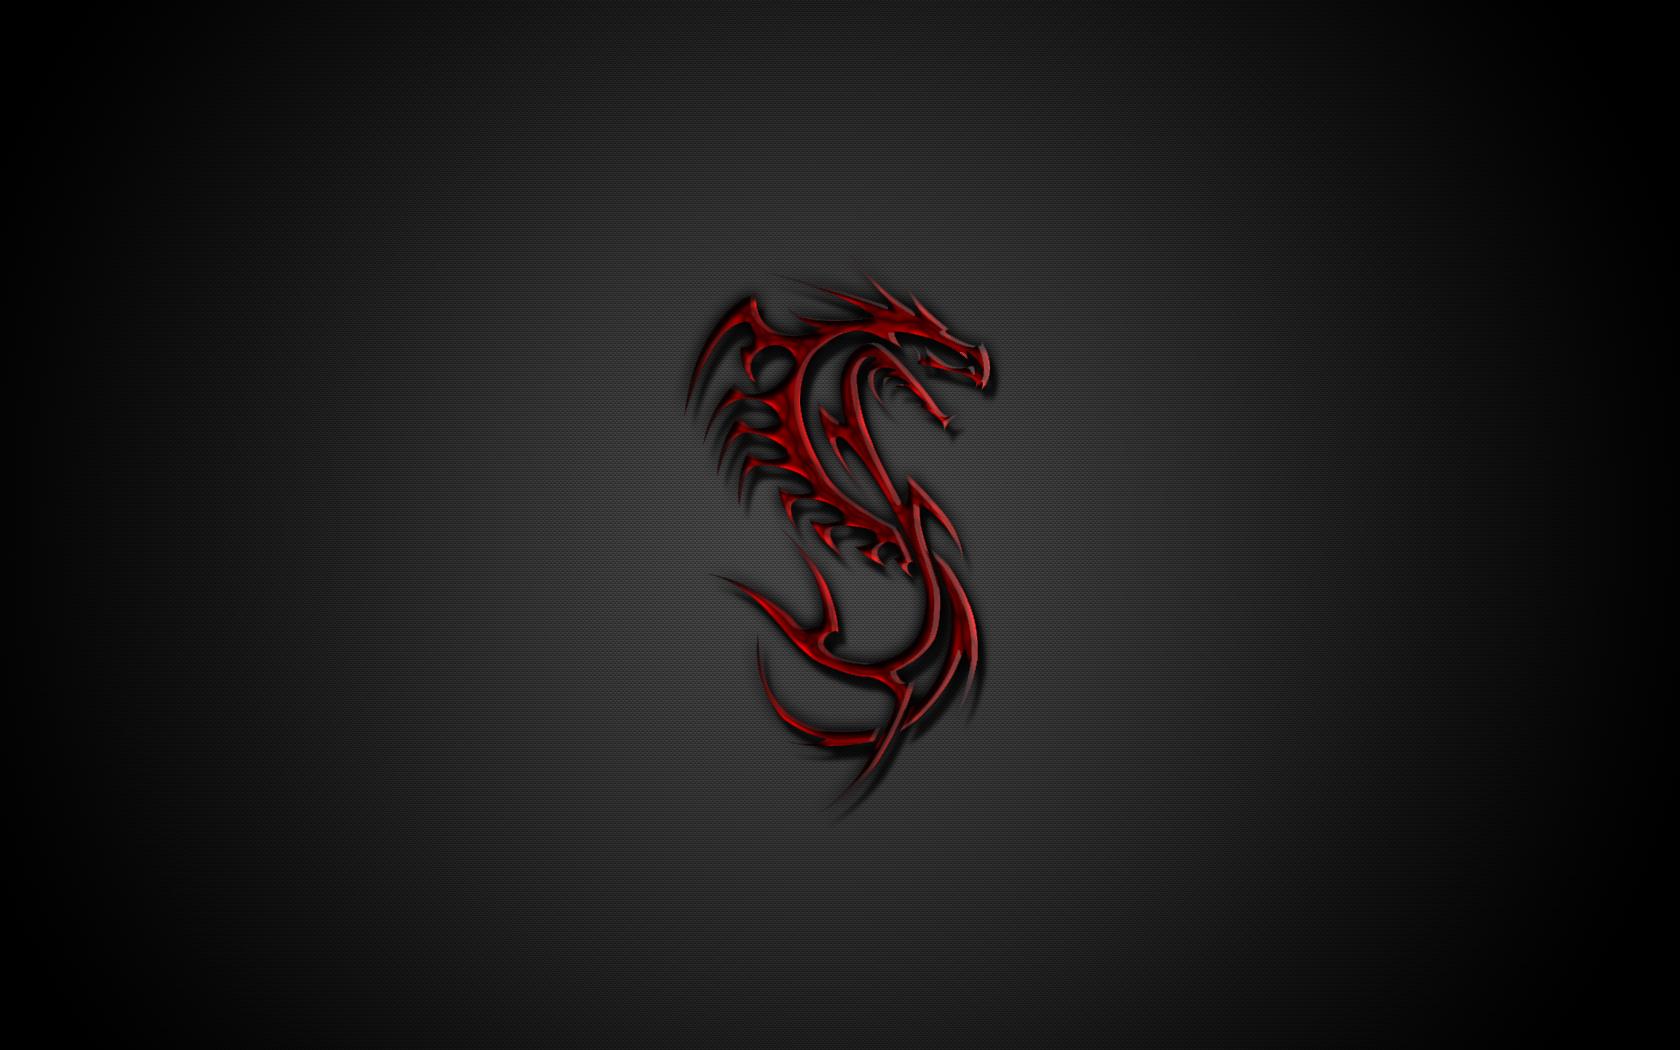 Red Dragon Wallpaper - WallpaperSafari